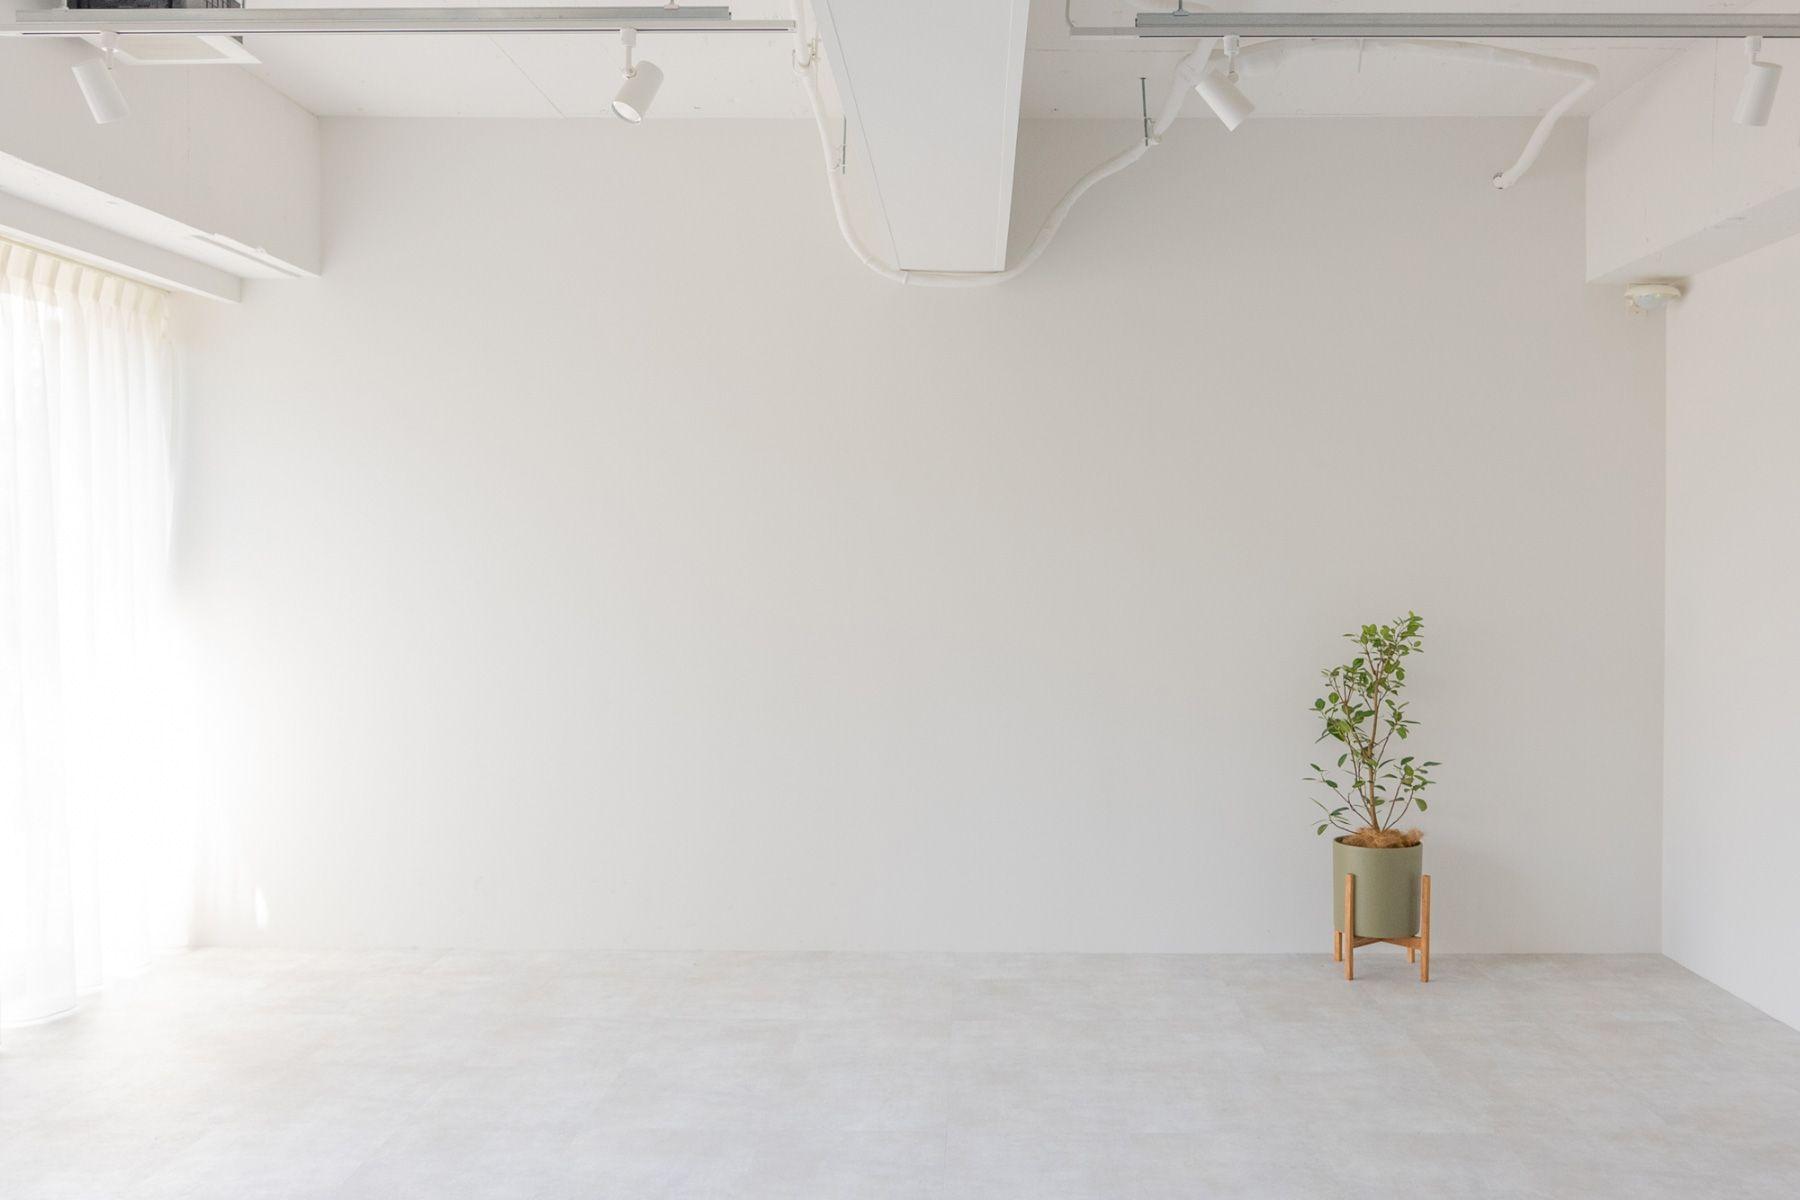 studio ankaa (スタジオ アンカー)白壁